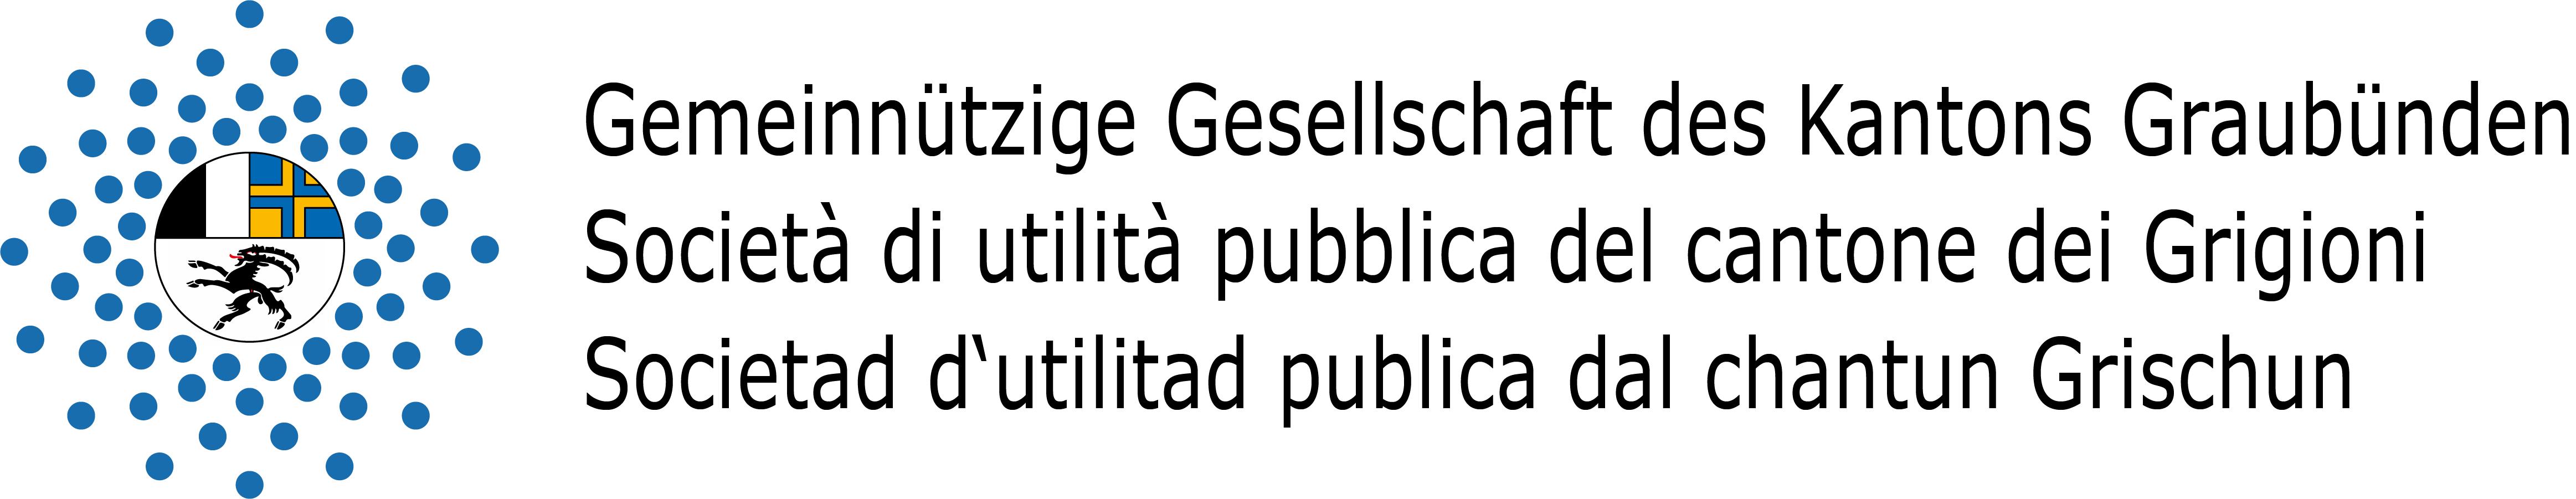 Gemeinnützige Gesellschaft des Kantons Graubünden